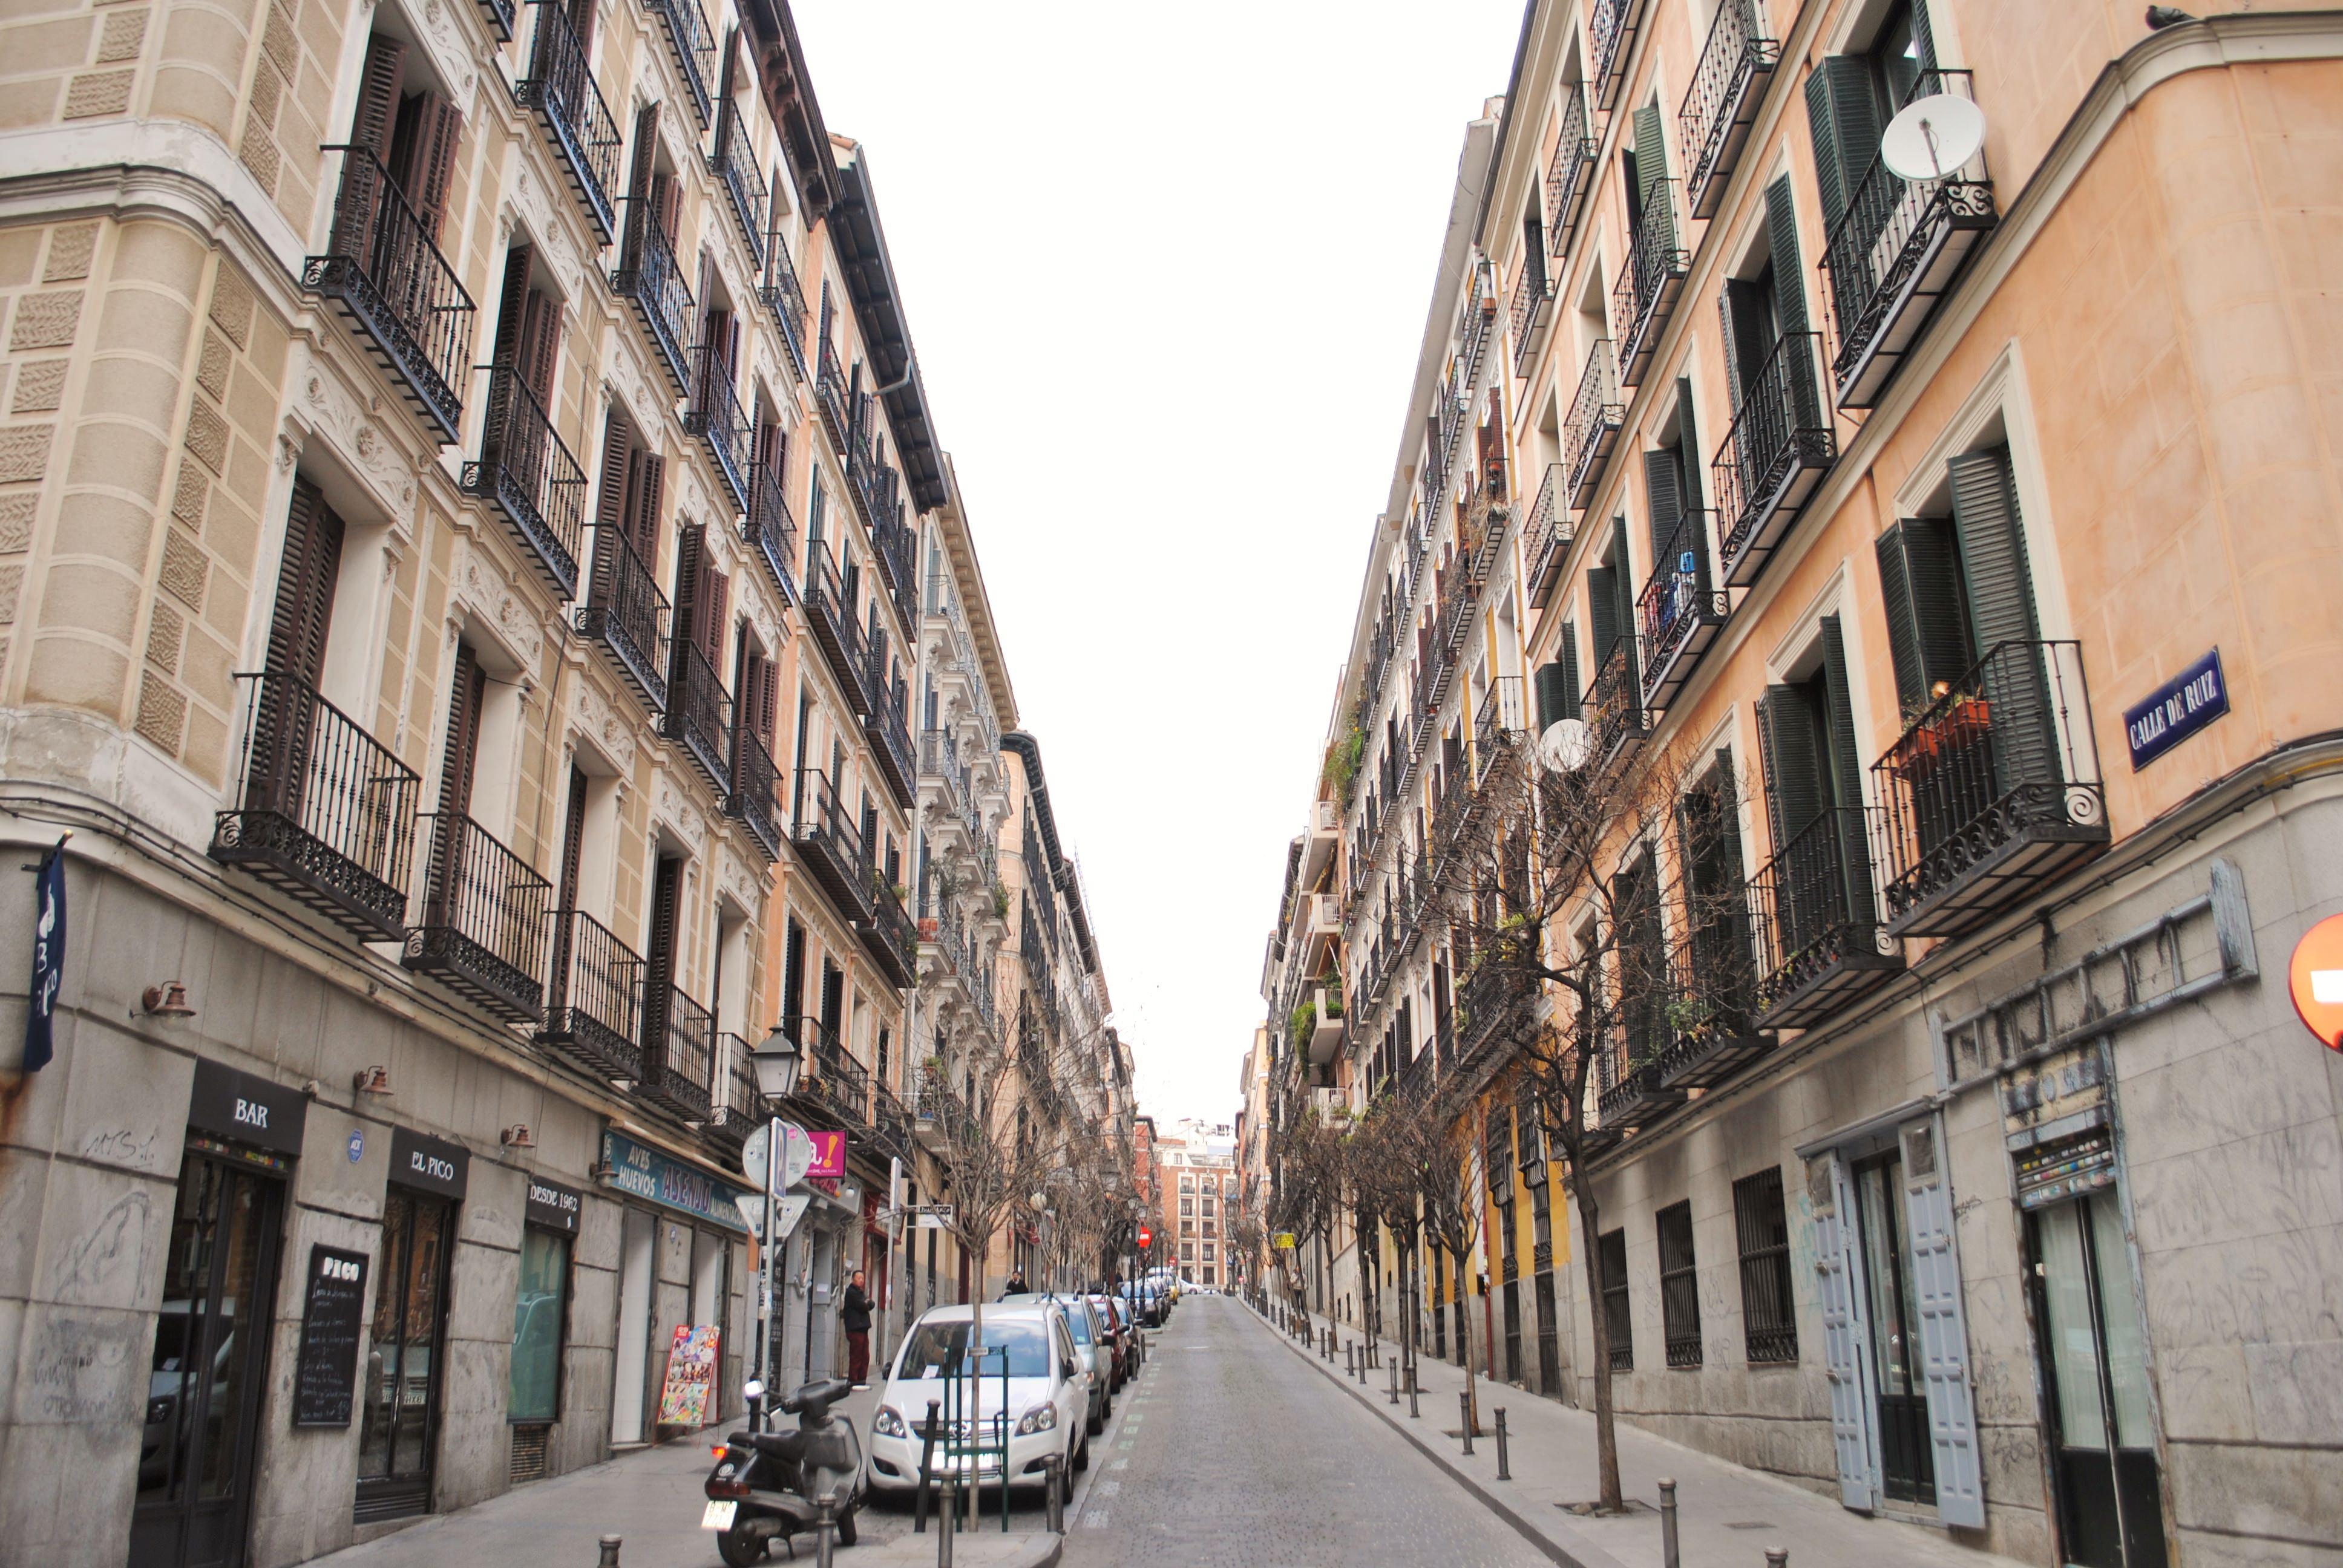 Las 8 cosas que debes saber del barrio de Malasaña – Madridmascercadeti